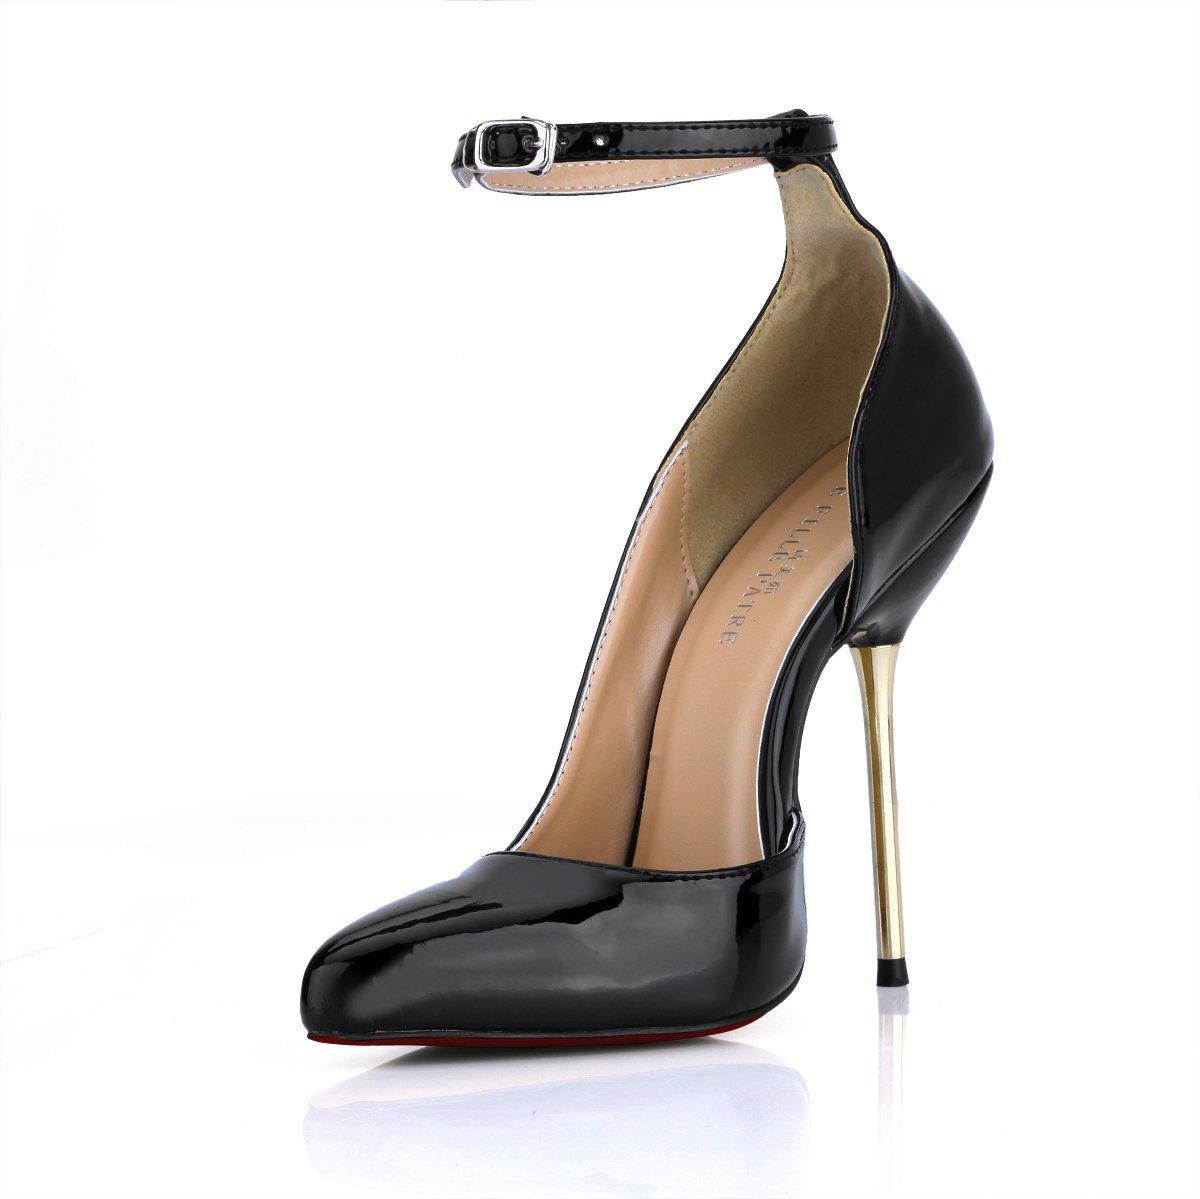 Frauen Schuhe Temperament und Feder neu schwarz lackiert Leder hingewiesen hingewiesen hingewiesen - toe high-heel Schuhe und sexy Abendessen auf rotem Grund Schuhe B0757LX2GW Tanzschuhe Keine Begrenzung zu üben dc8e47